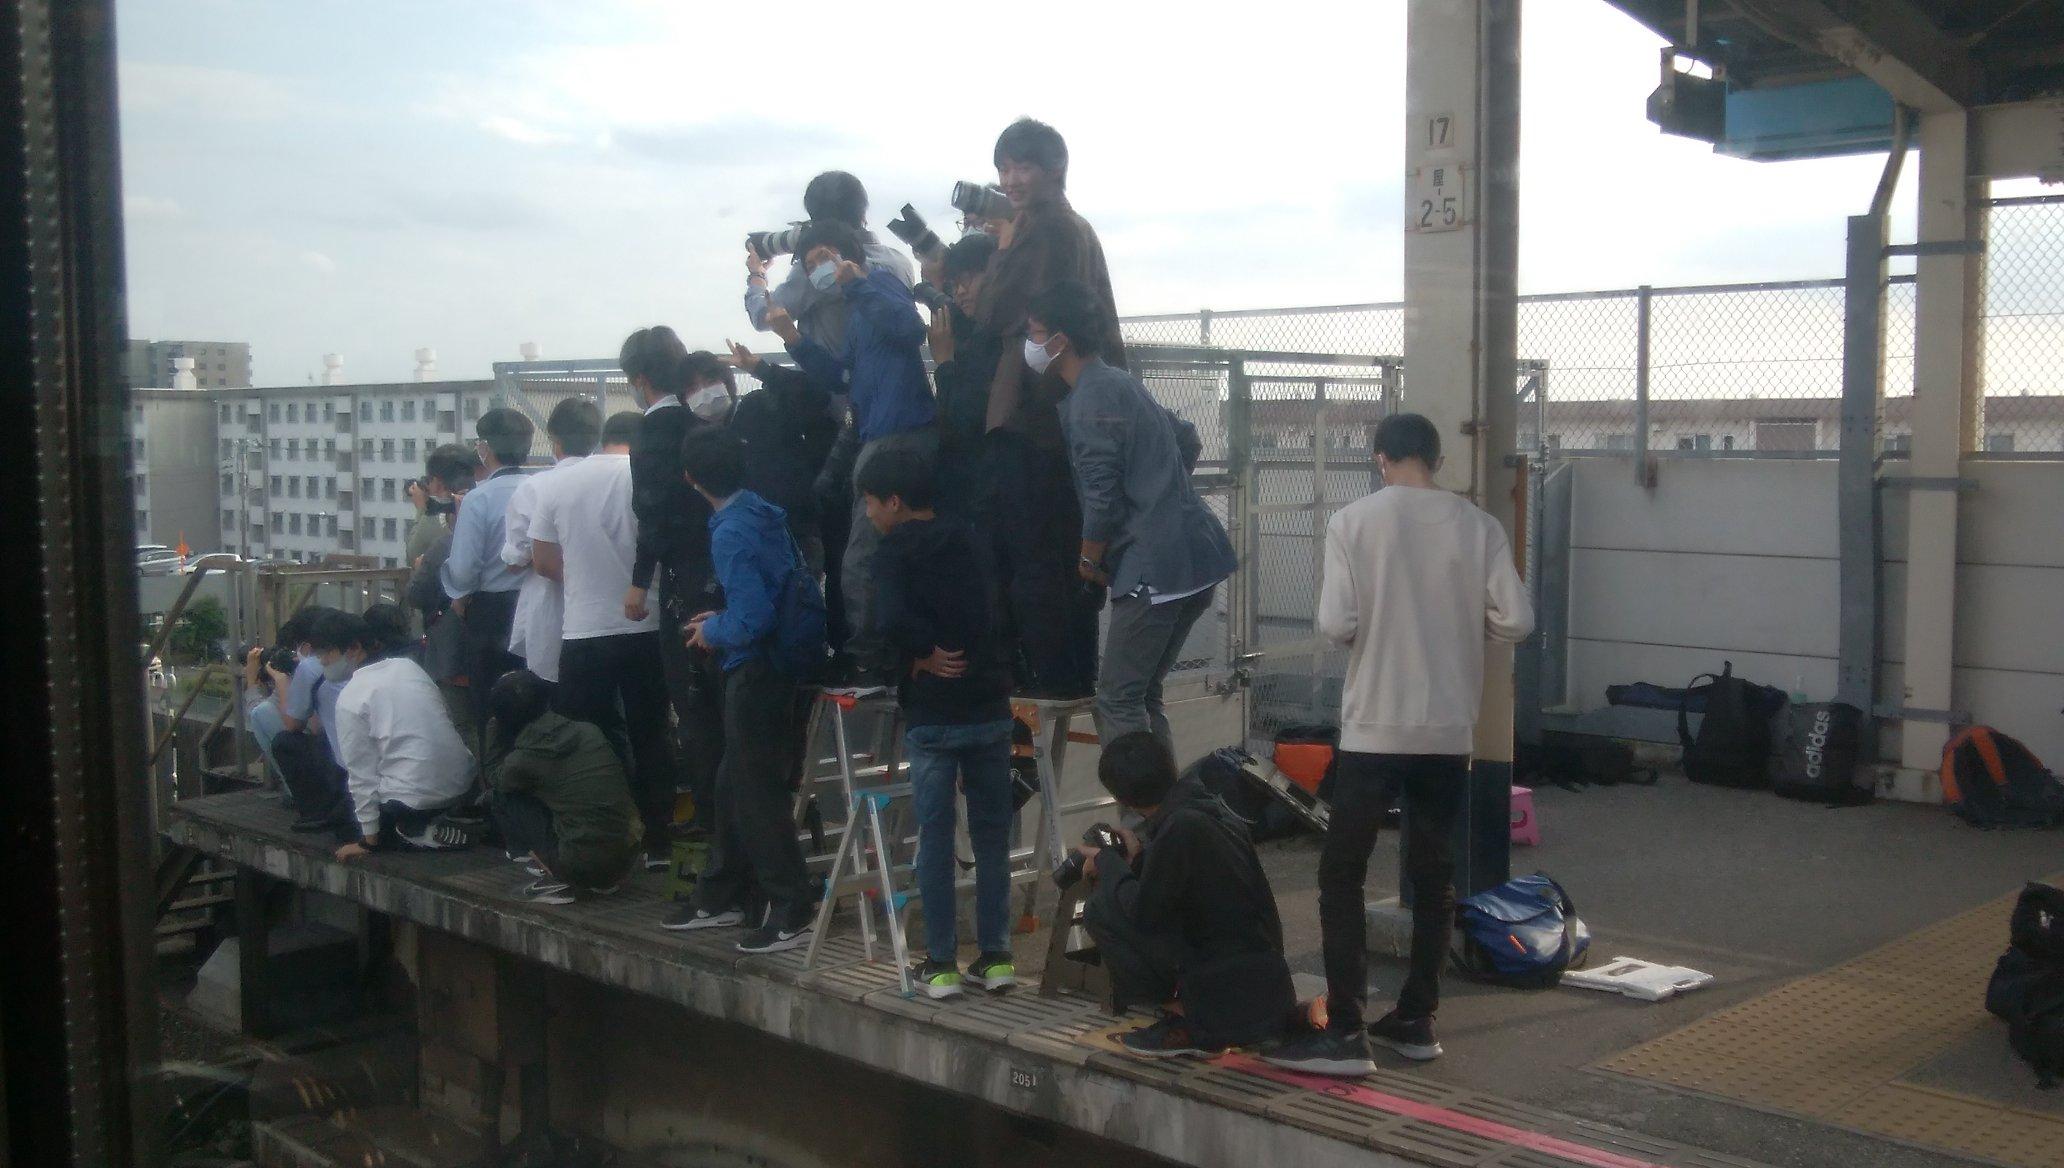 【武蔵野線205系】撮り鉄がエキセンに脚立を使ってひな壇を構築 検見川浜では人が集まりすぎて大変なことに